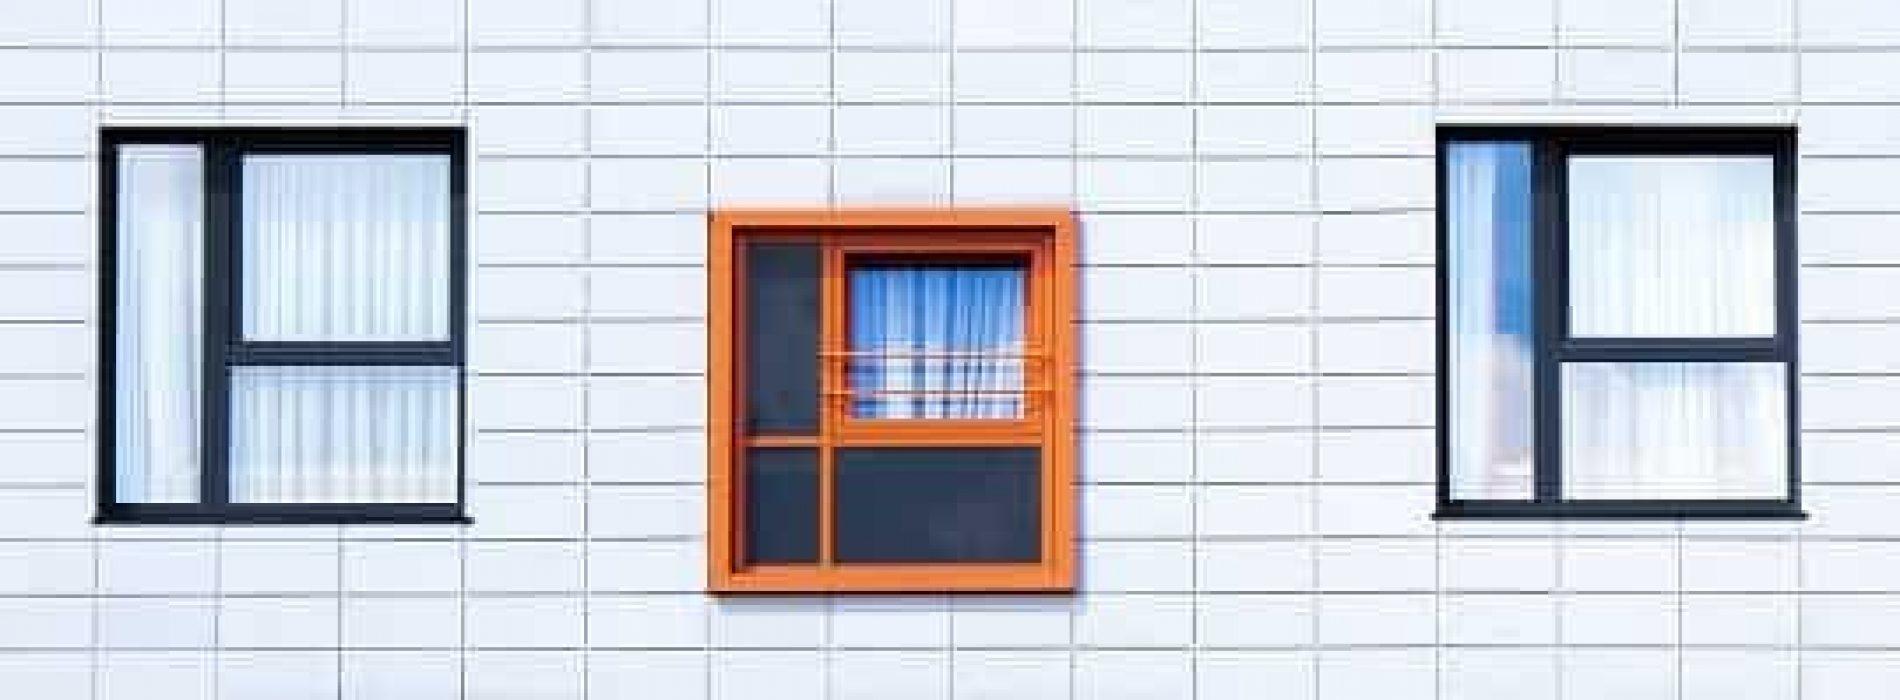 Hvilke regler gjelder for rømningsvei gjennom vindu?